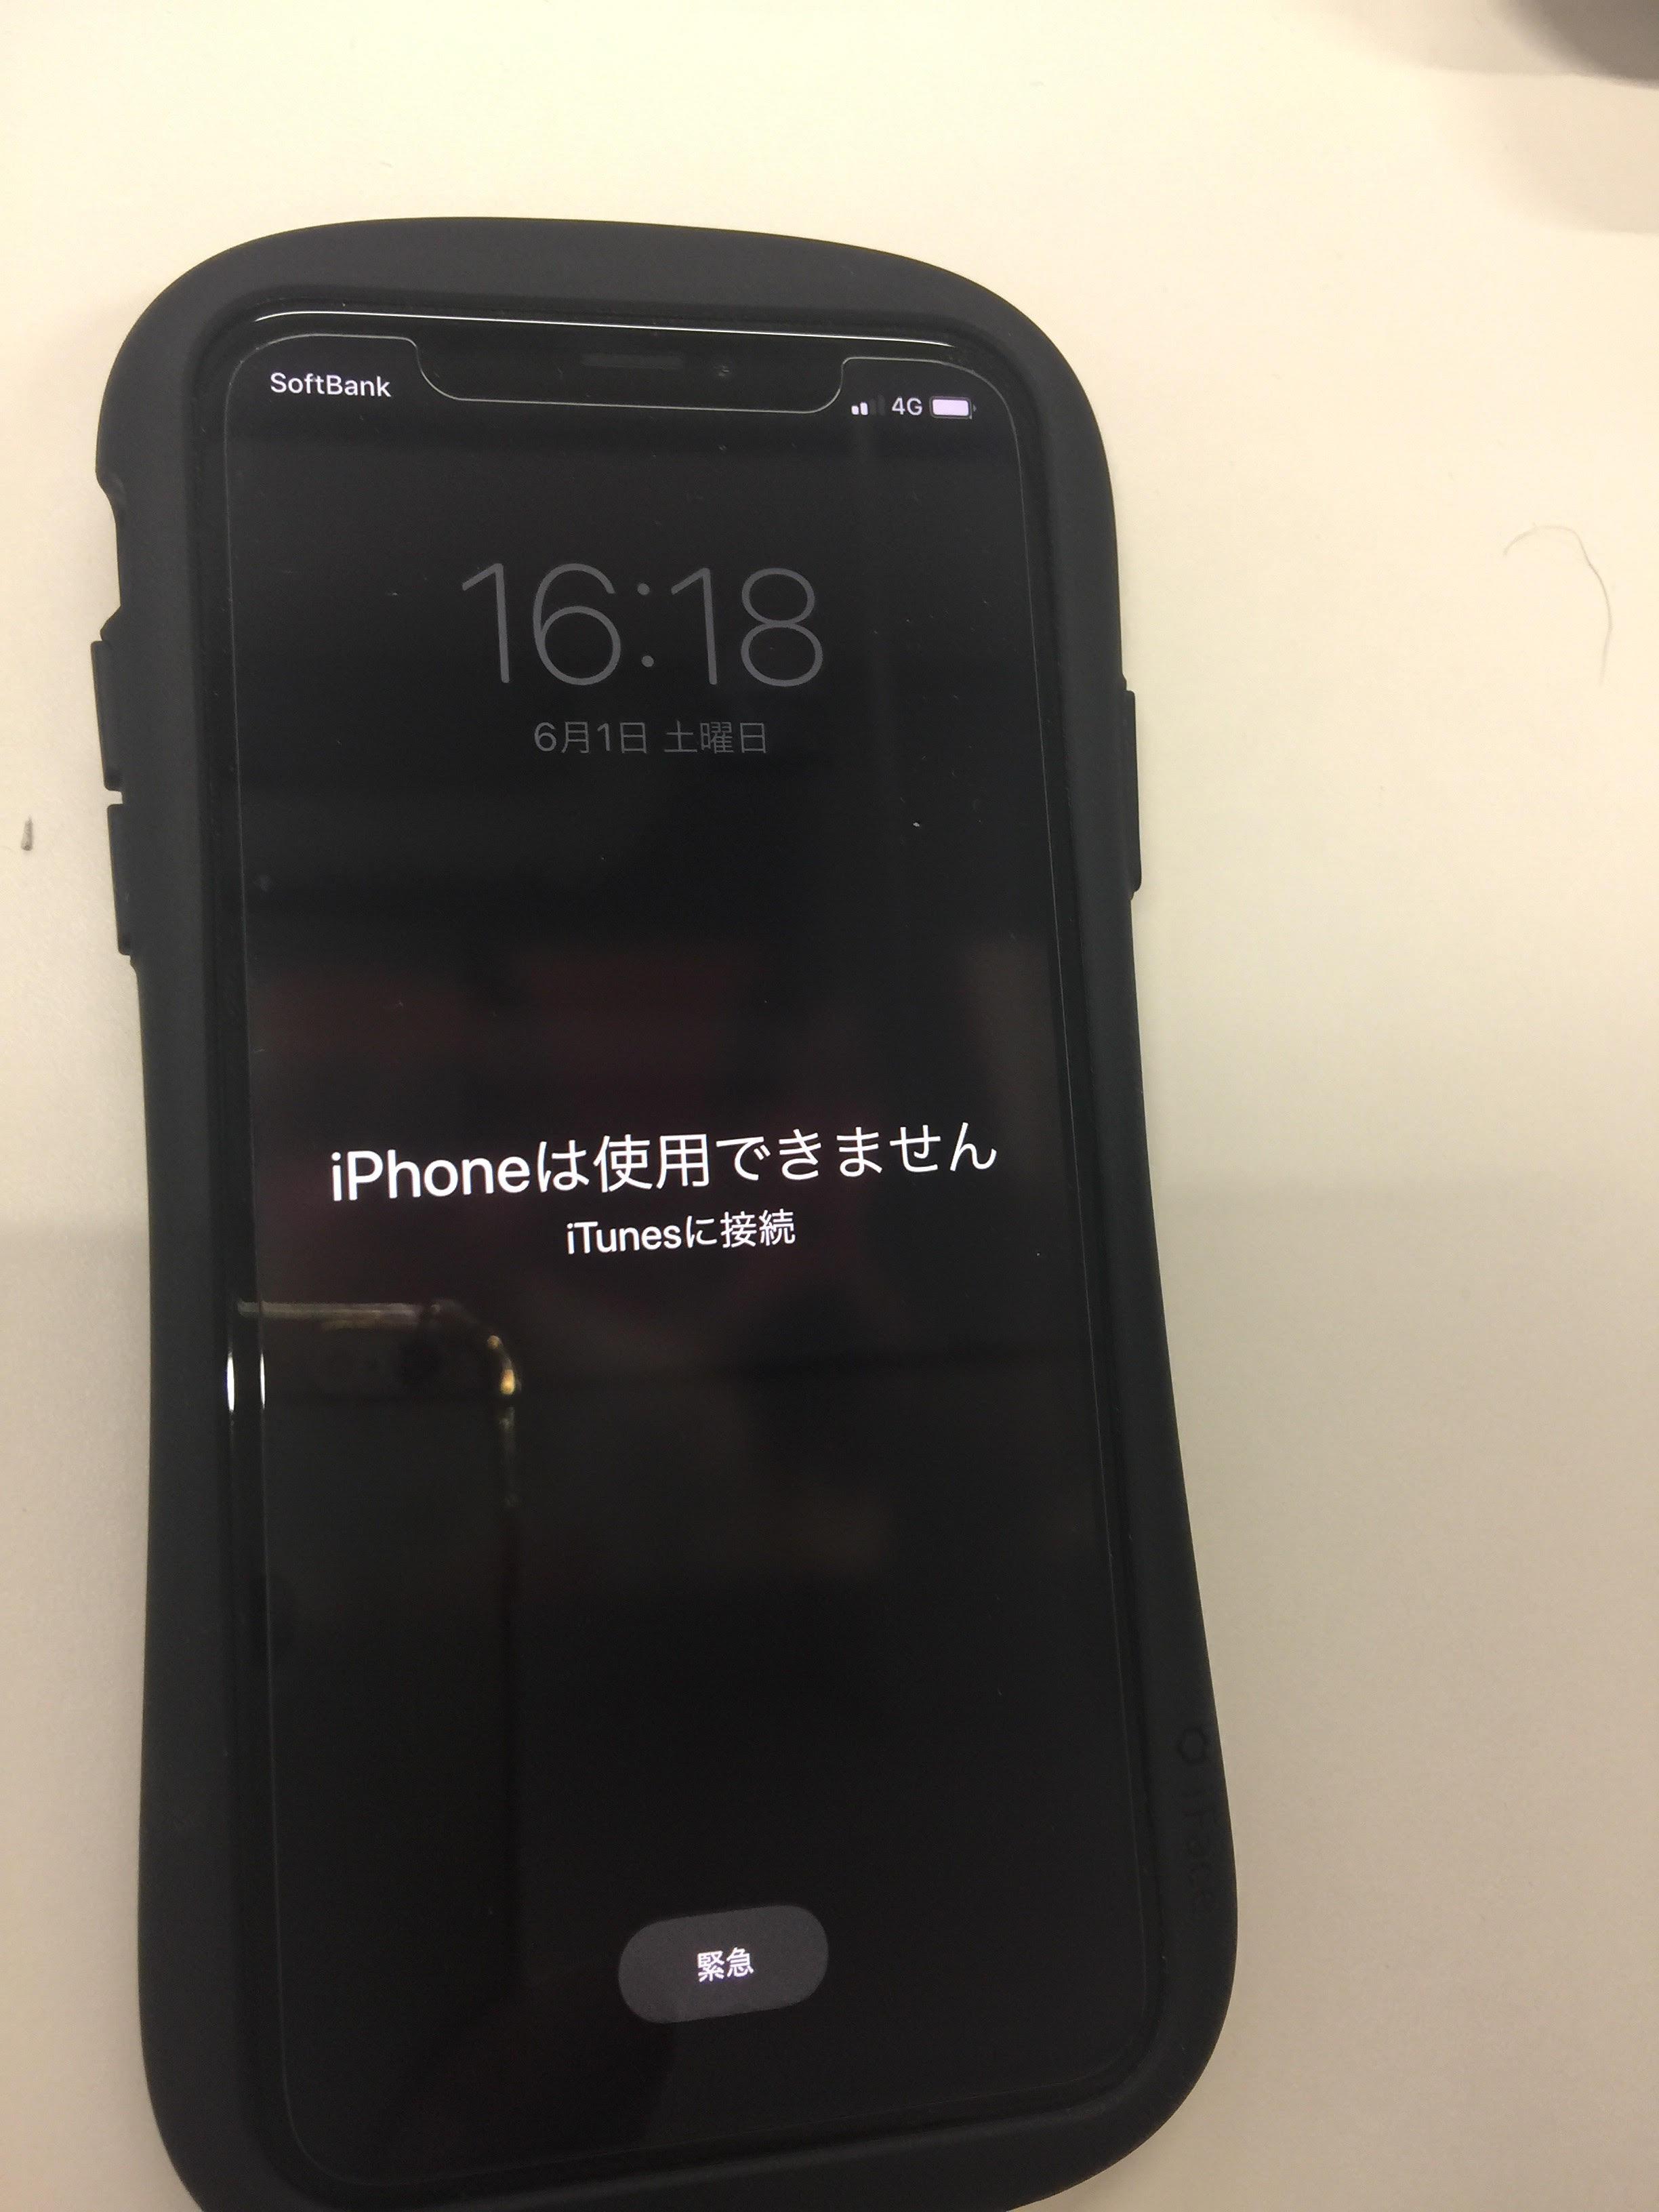 入力 iphone 連続